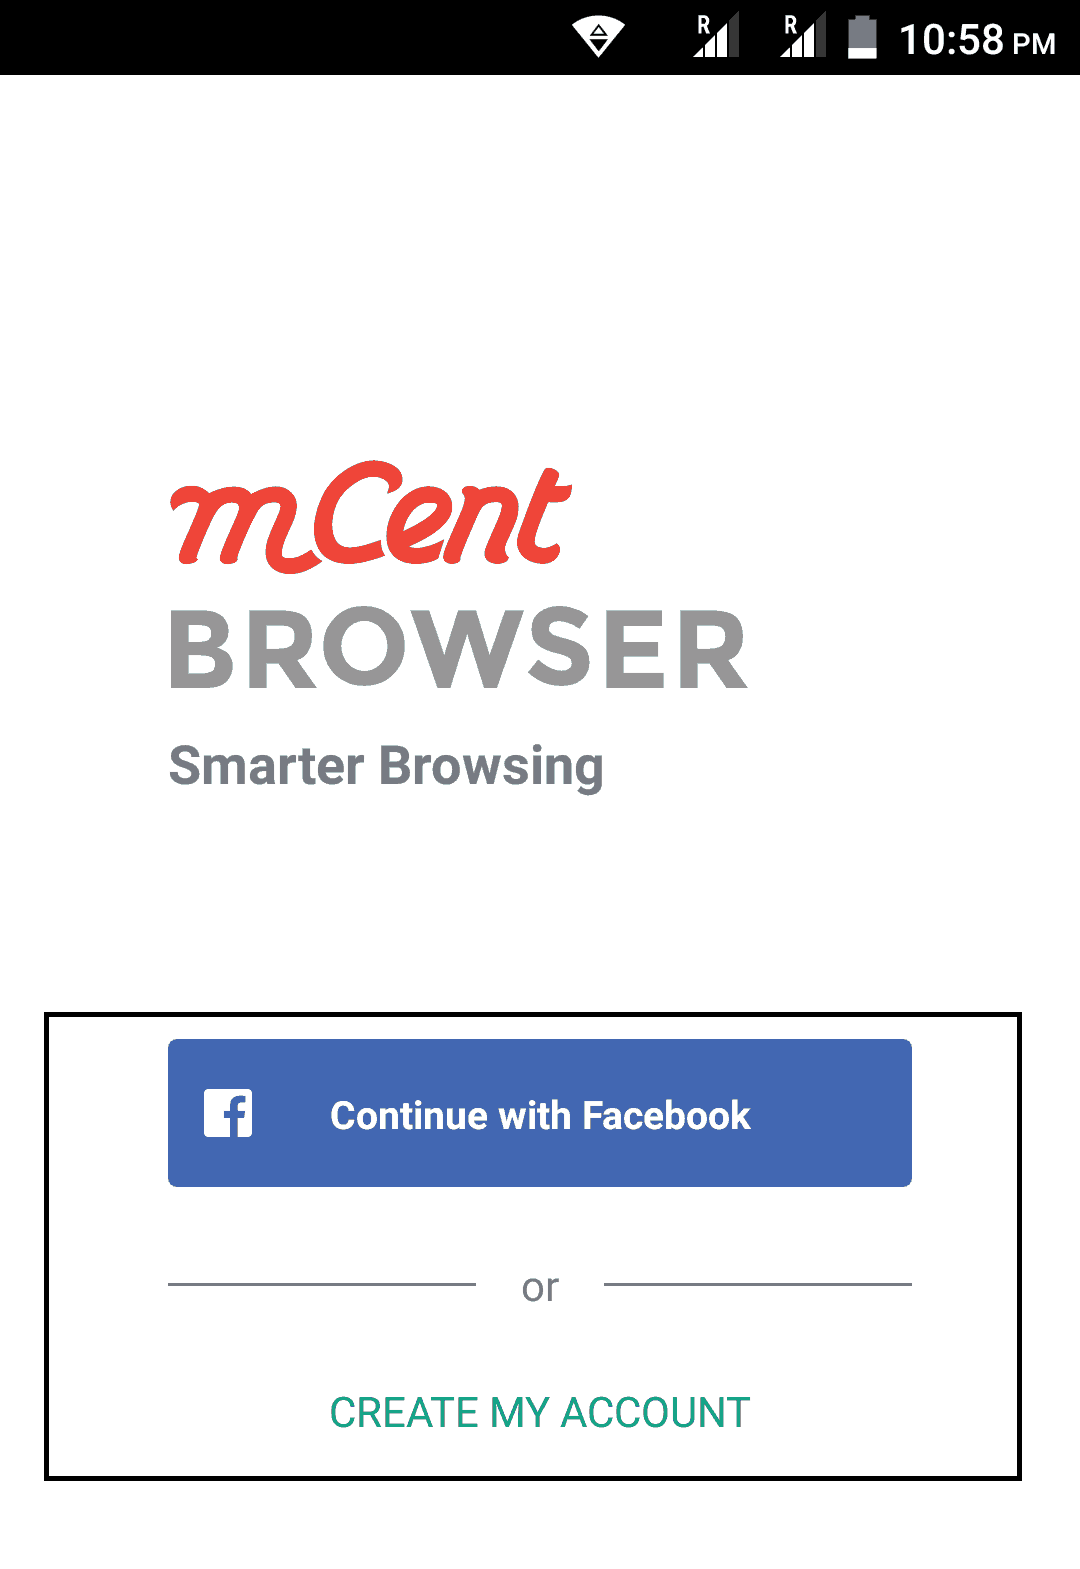 mcent browser login